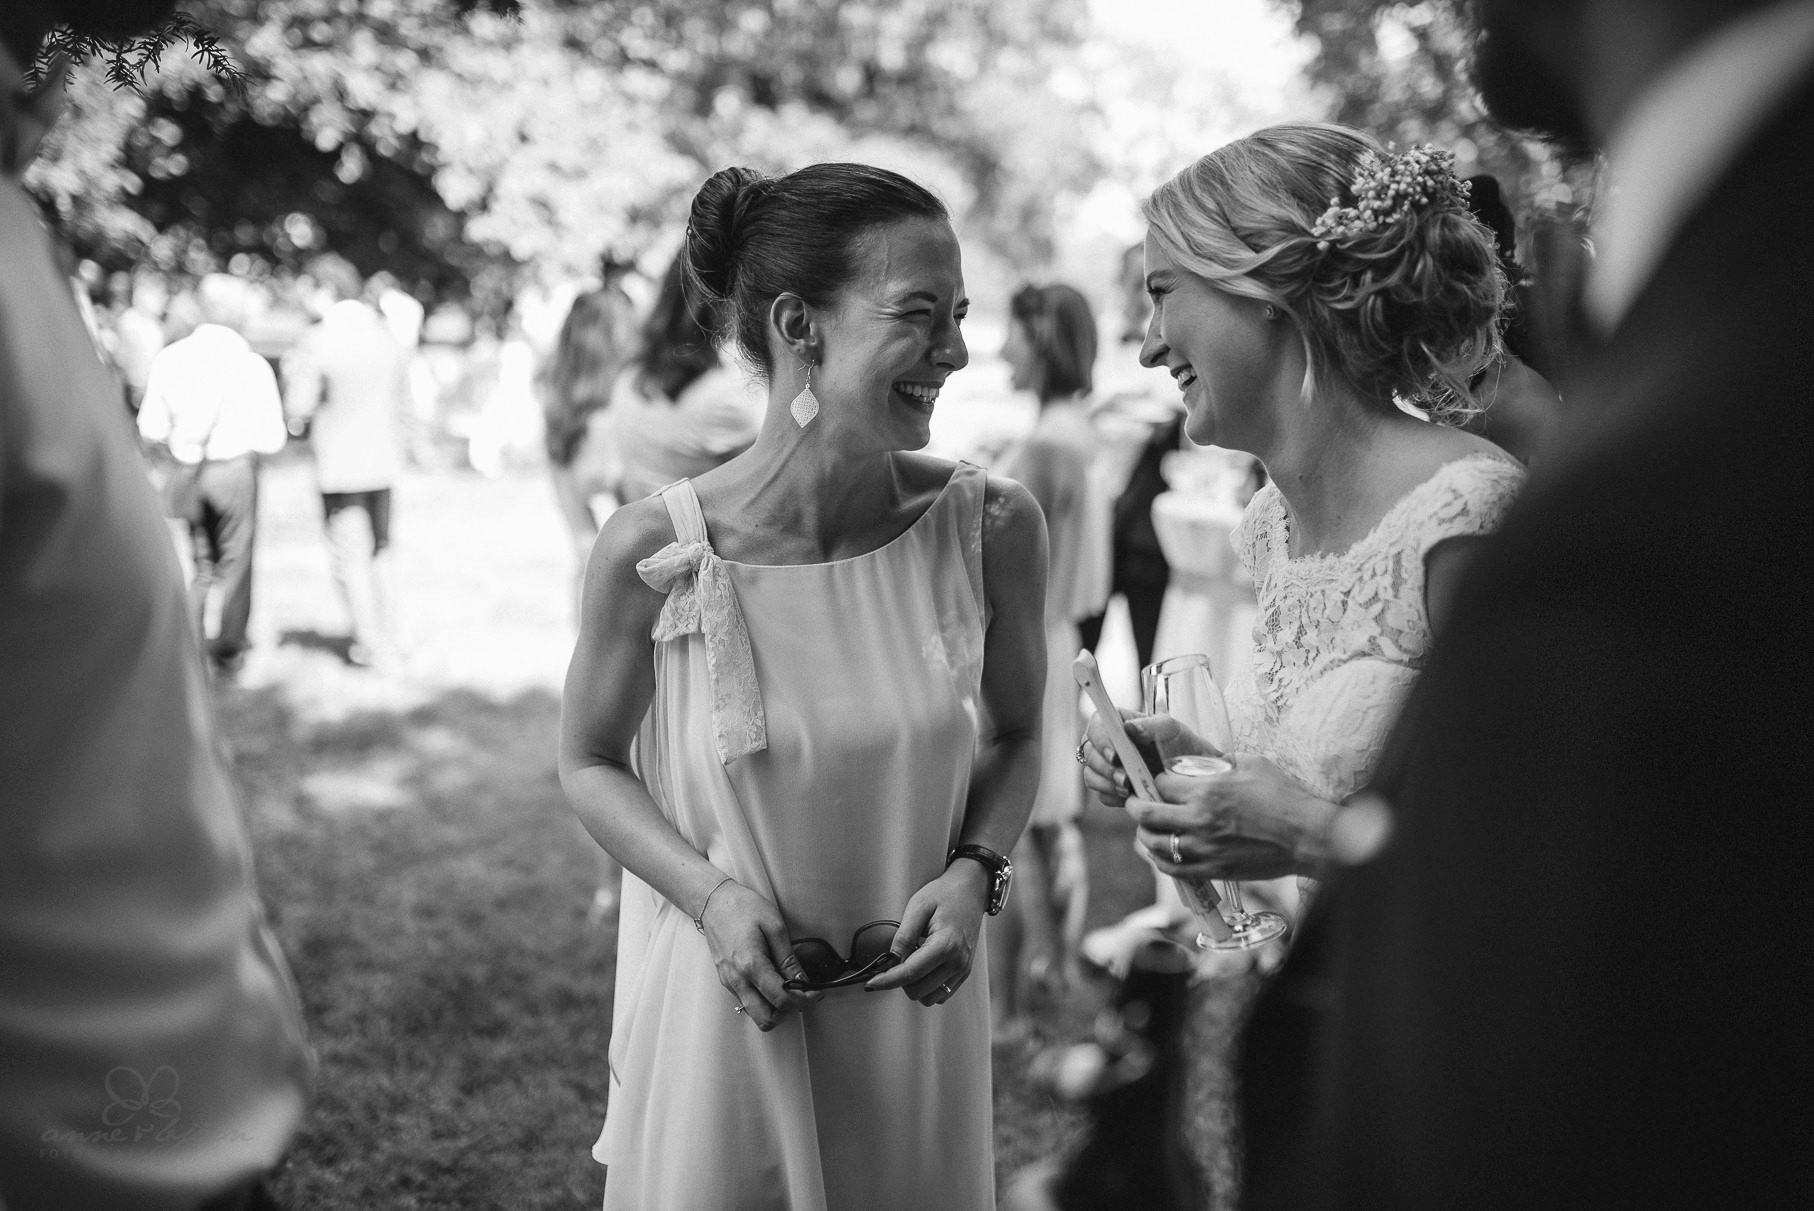 0072 anne und bjoern hochzeit schweiz d75 0476 - DIY Hochzeit in der Schweiz - Sabrina & Christoph